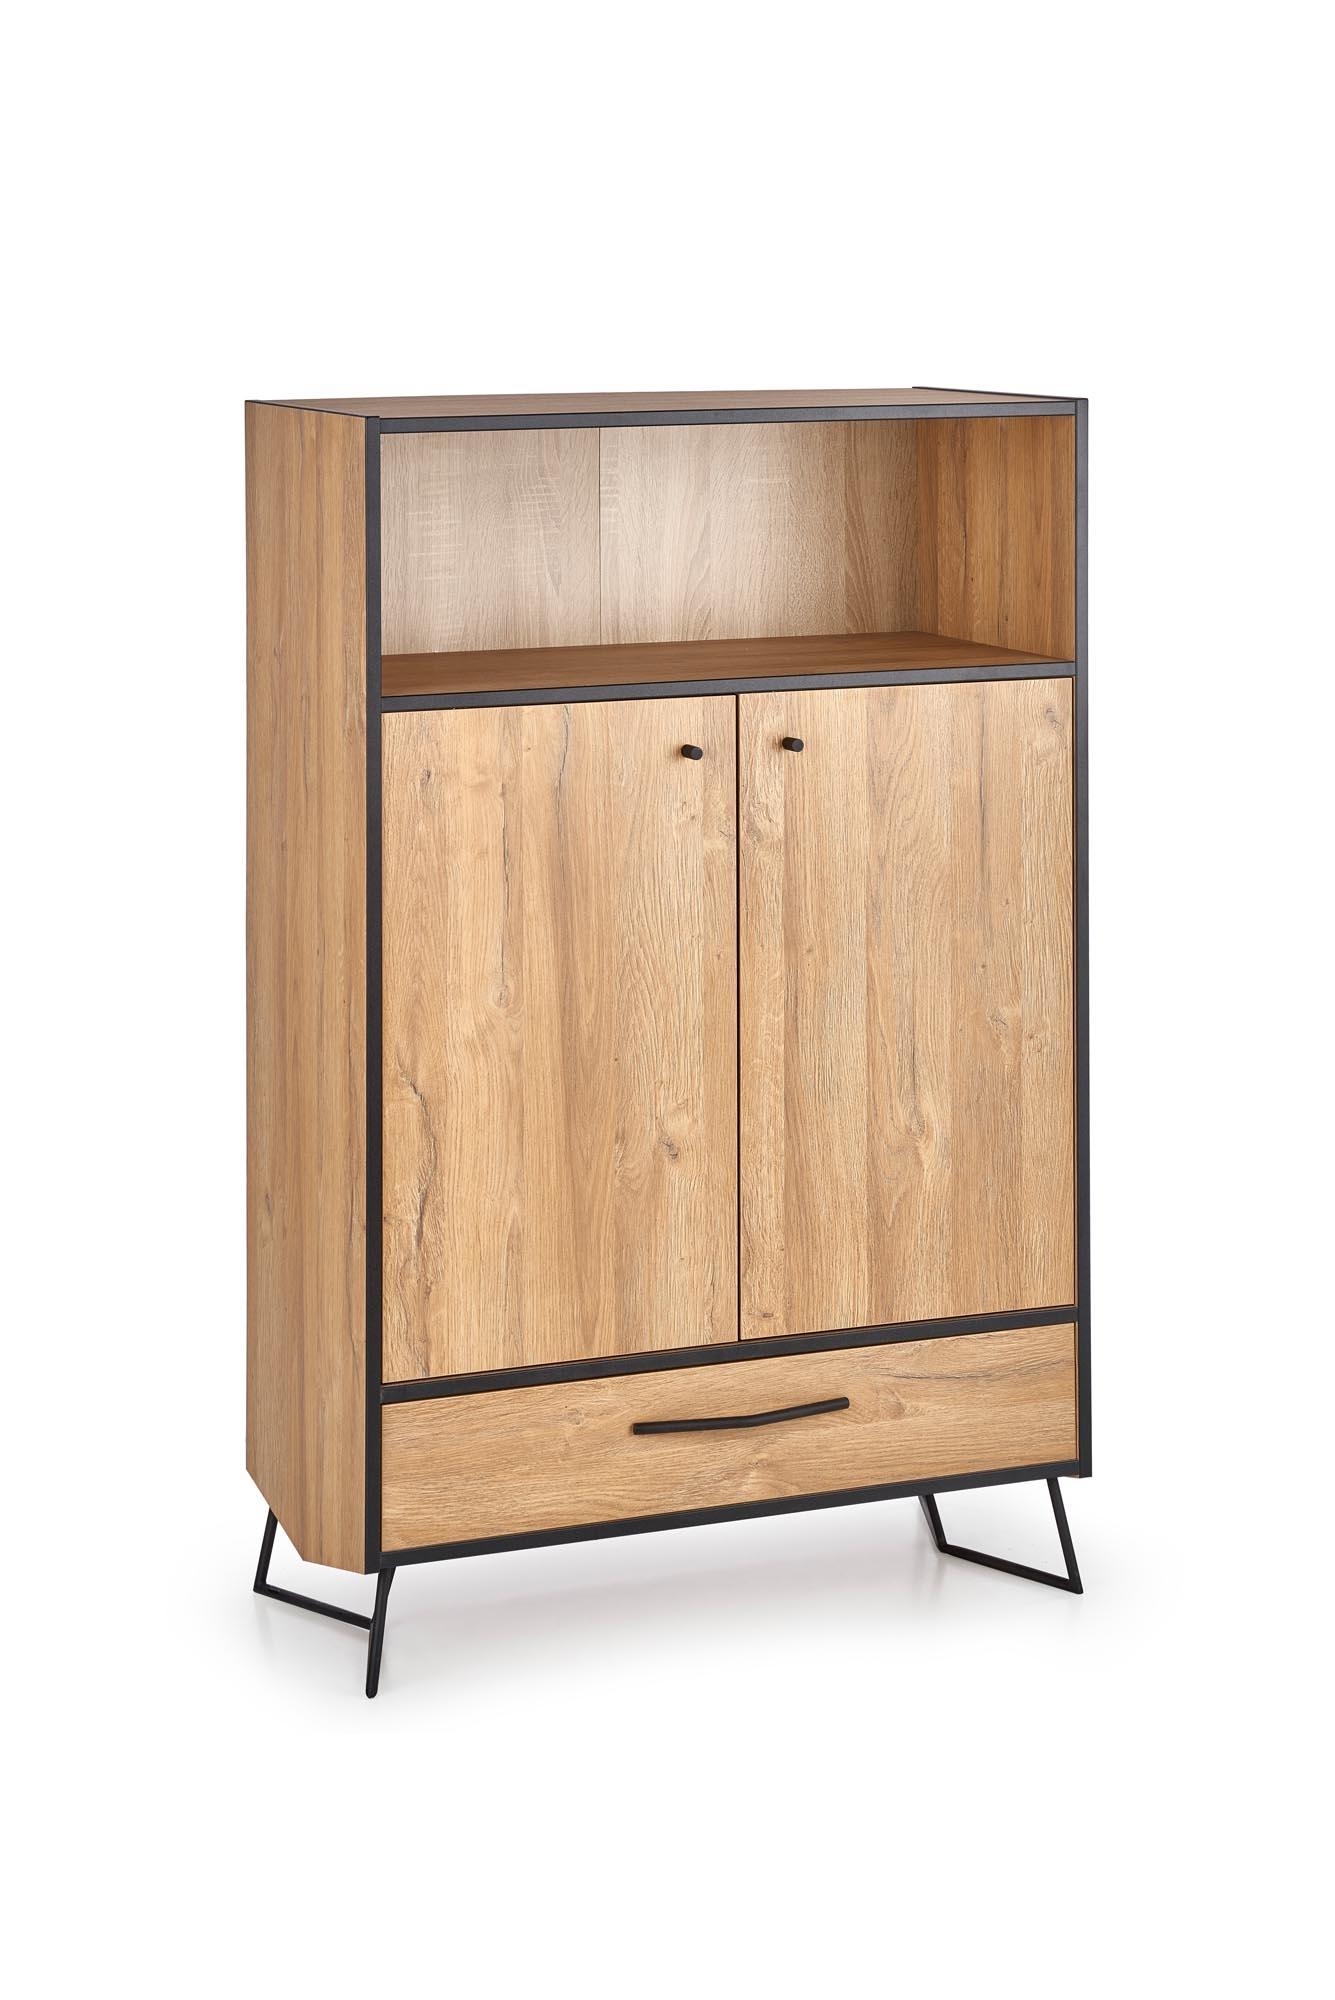 Cabinet din pal si metal, cu 1 sertar si 2 usi Lockheed KM-3 Stejar, l83xA40xH130 cm imagine